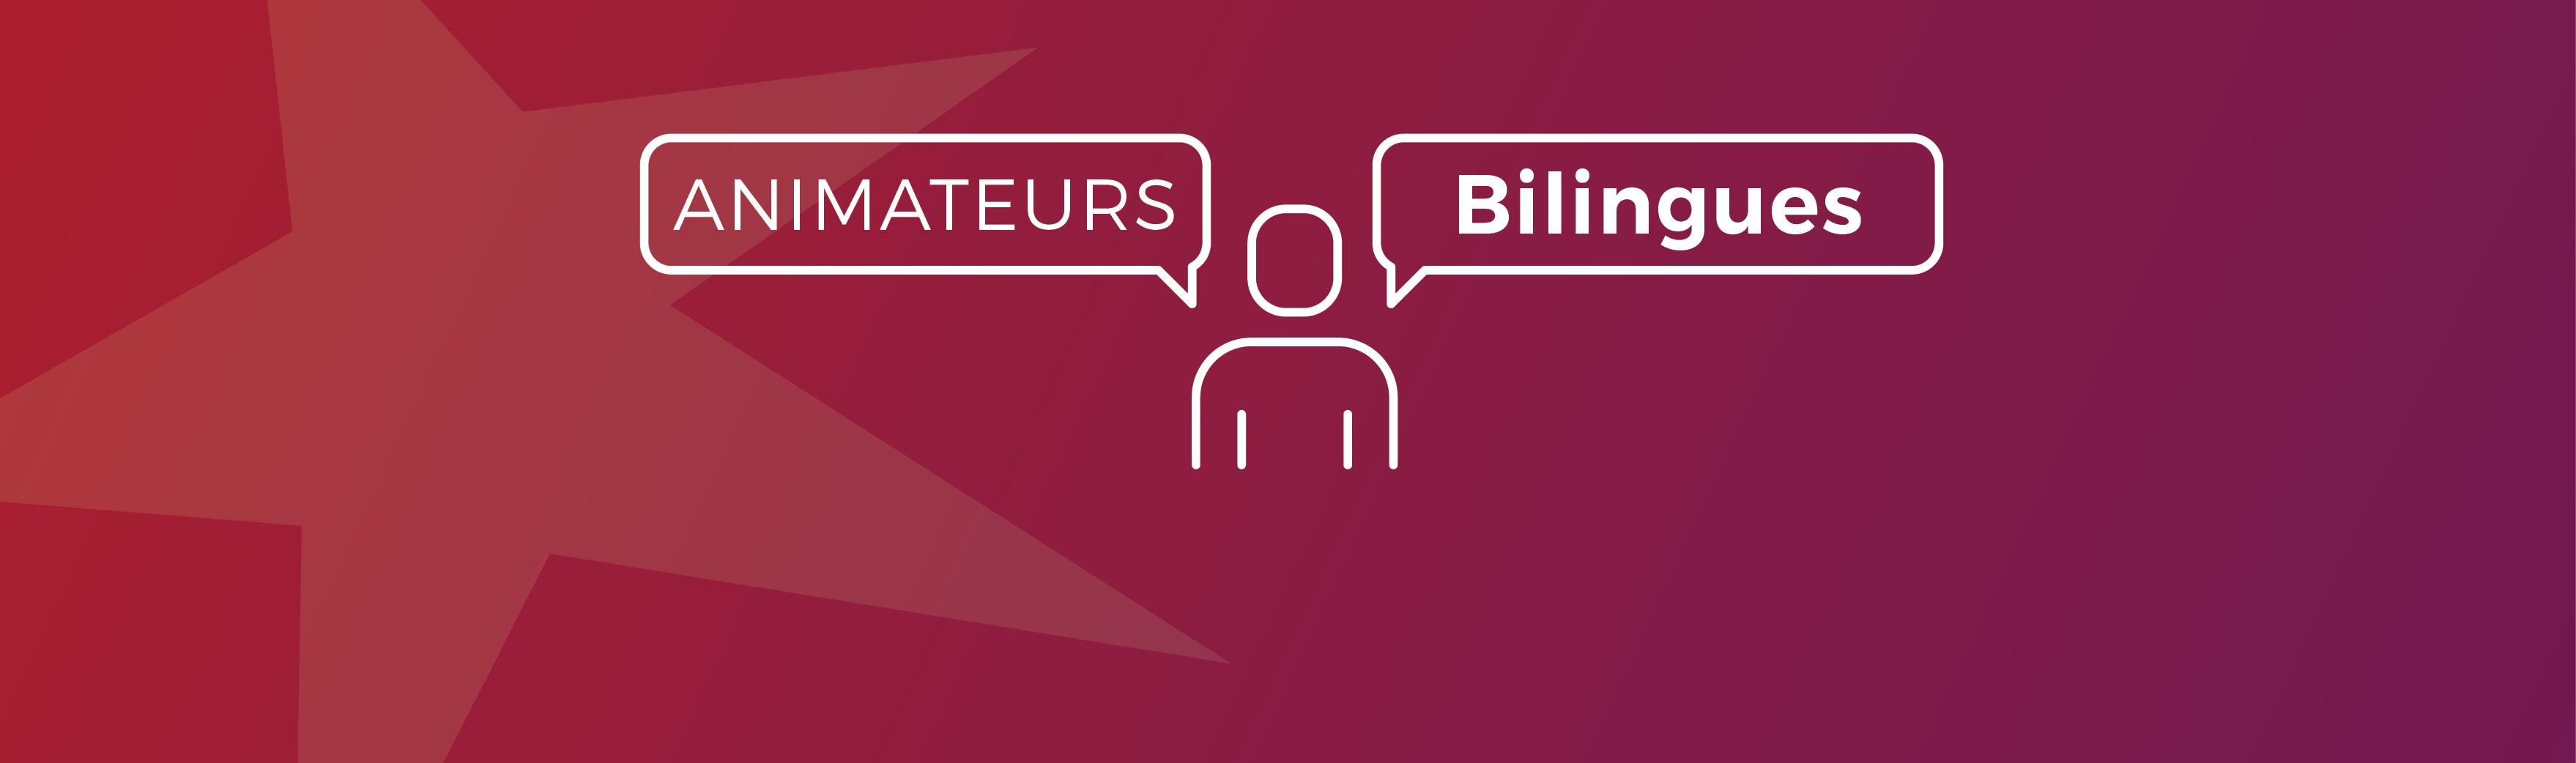 Bandeau animateurs bilingues